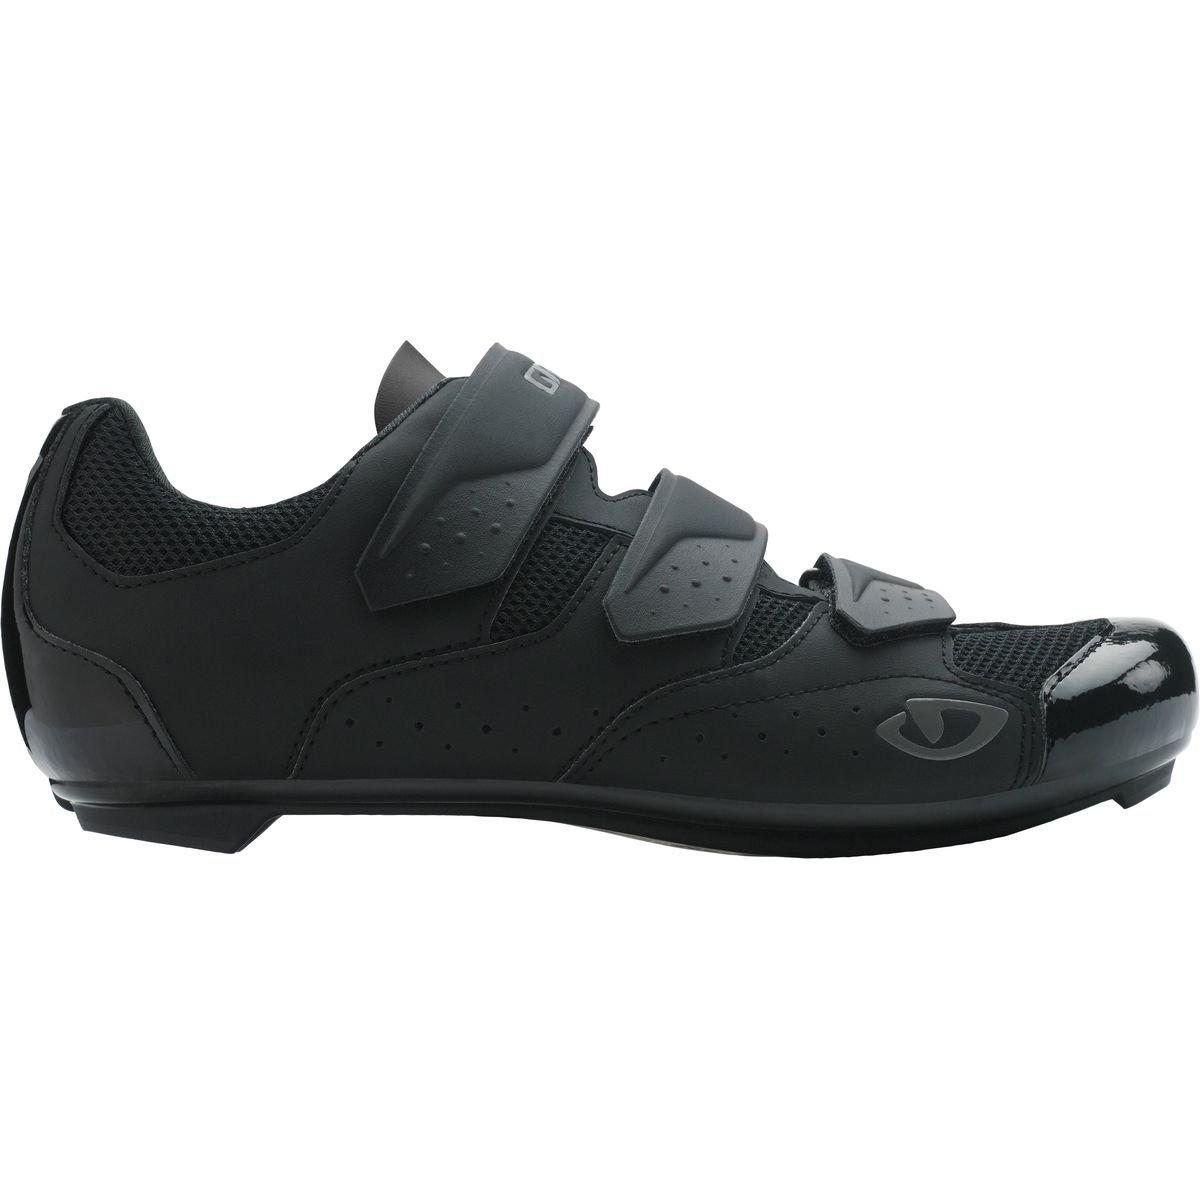 [ジロ] メンズ スポーツ サイクリング Techne Cycling Shoe [並行輸入品] 39  B077YLDTRR